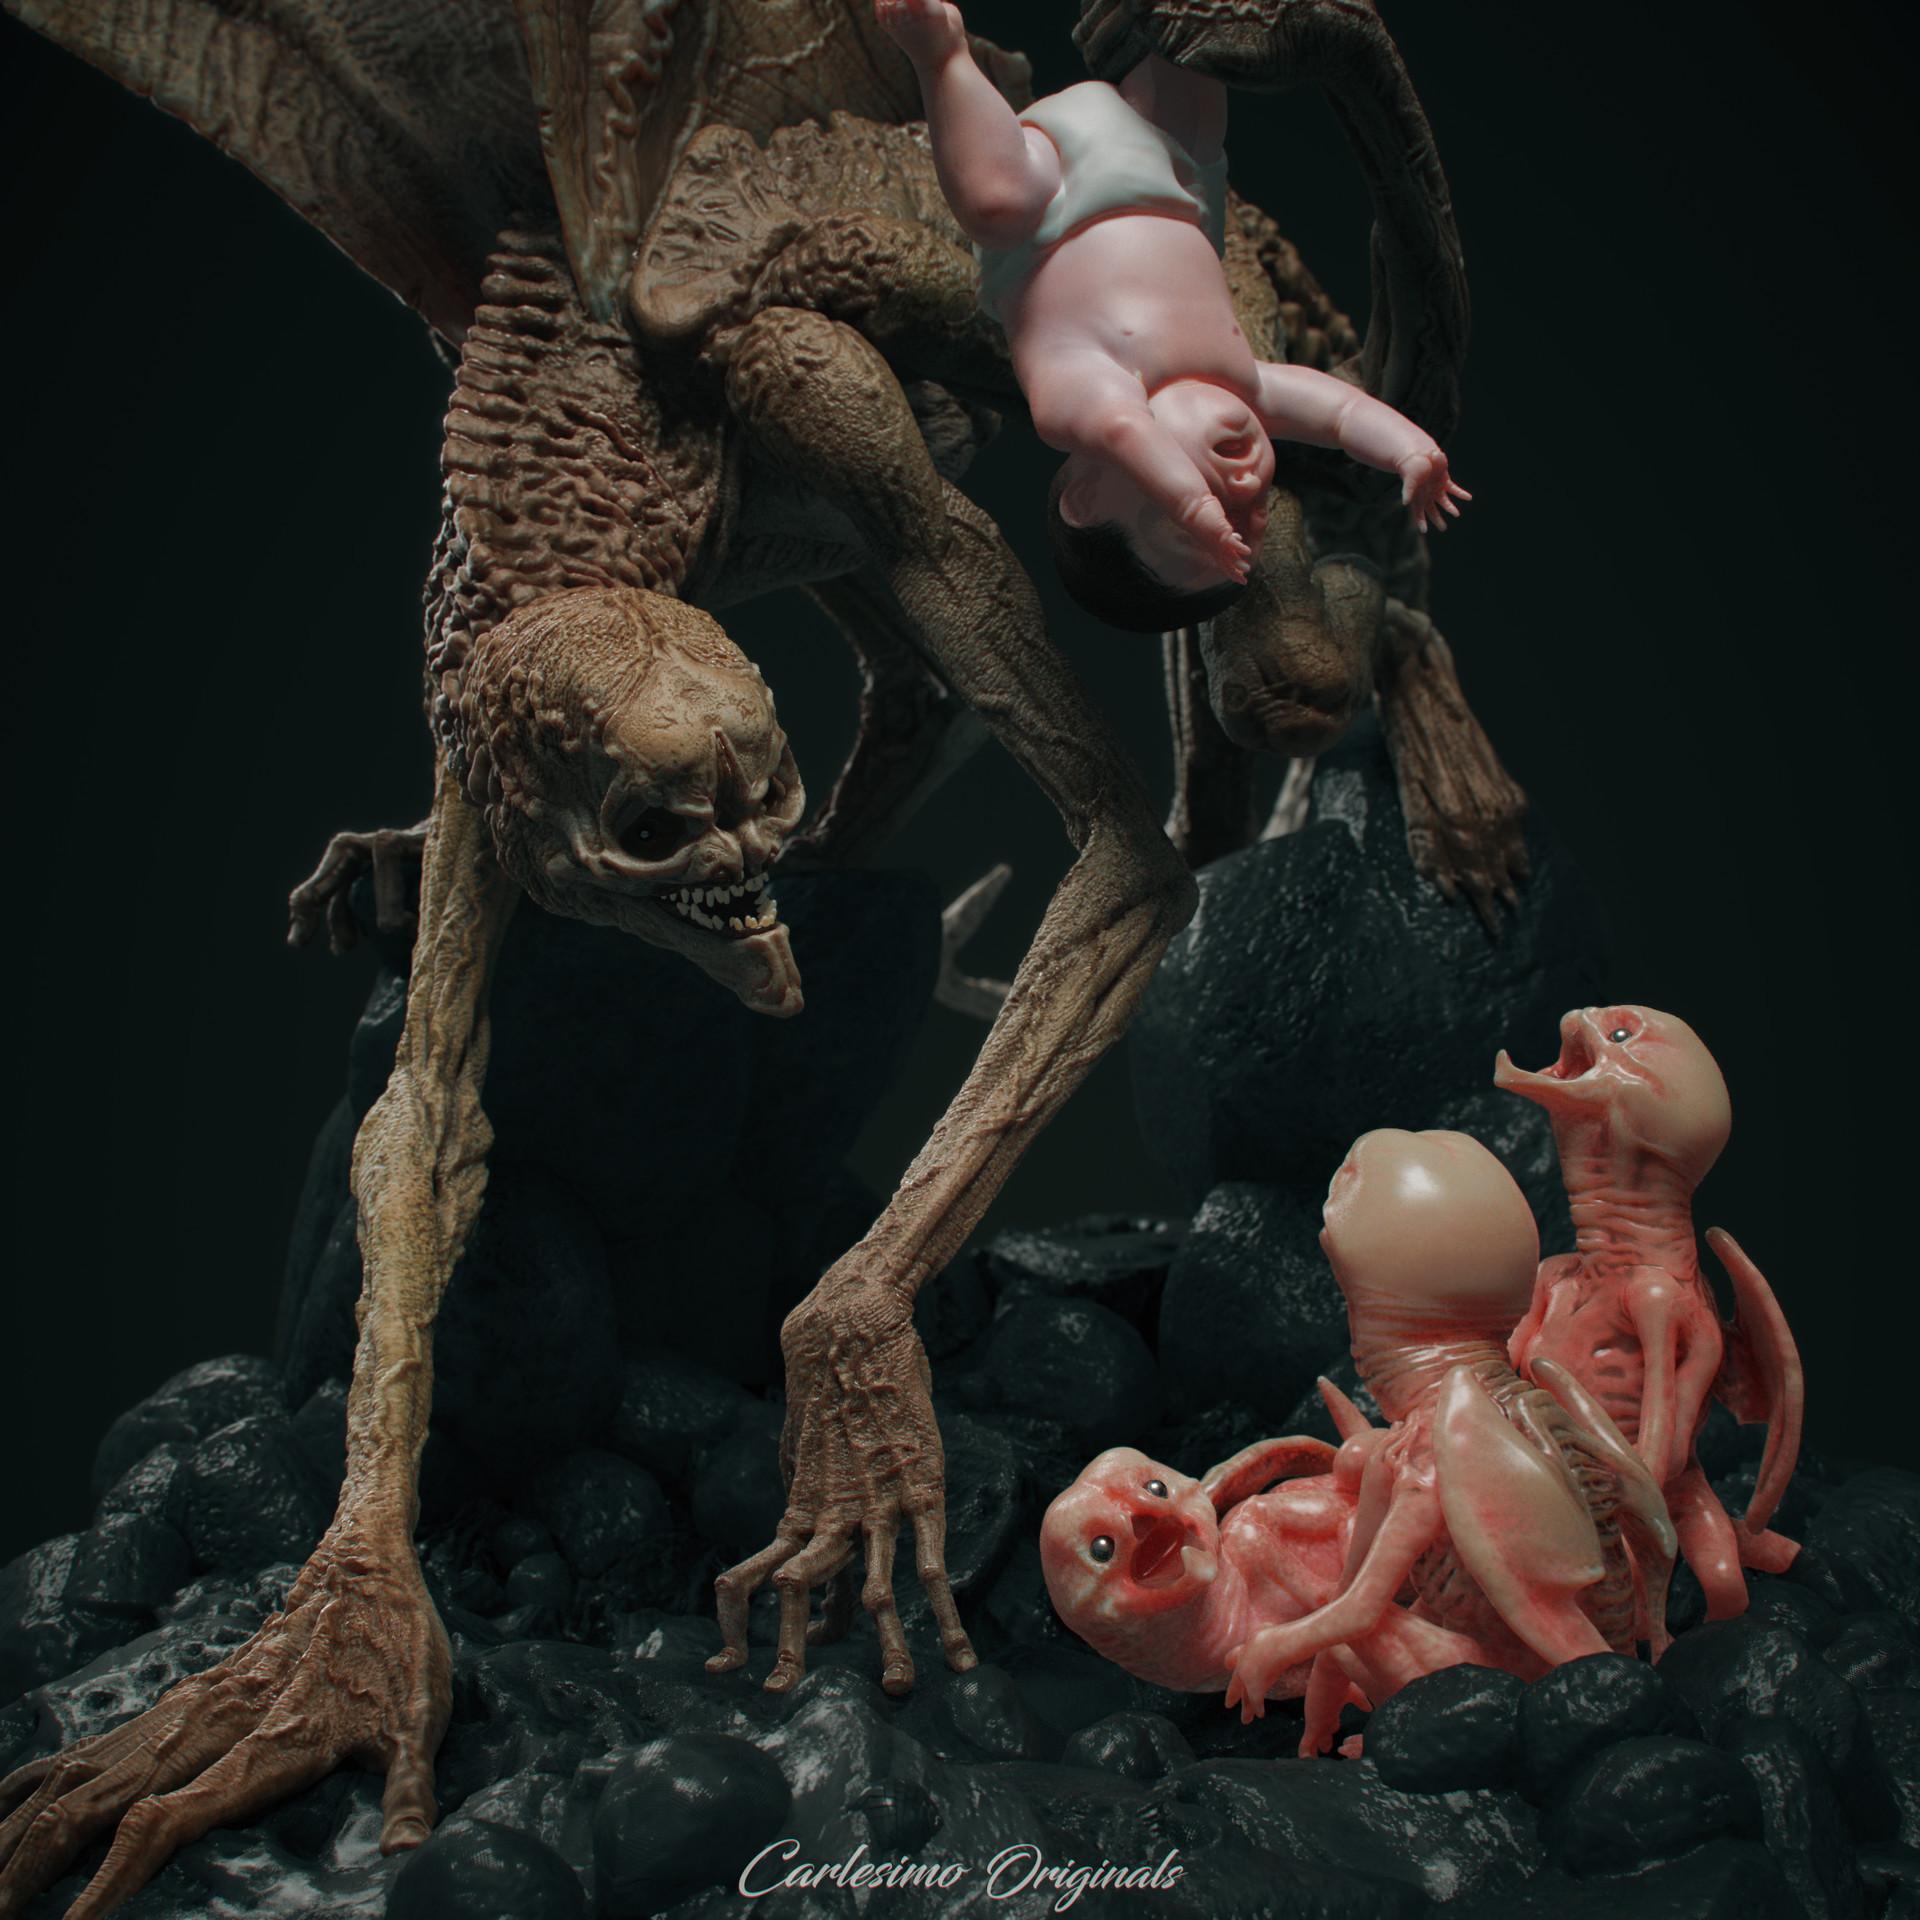 Franco carlesimo babysnatcher carlesimooriginals 00004